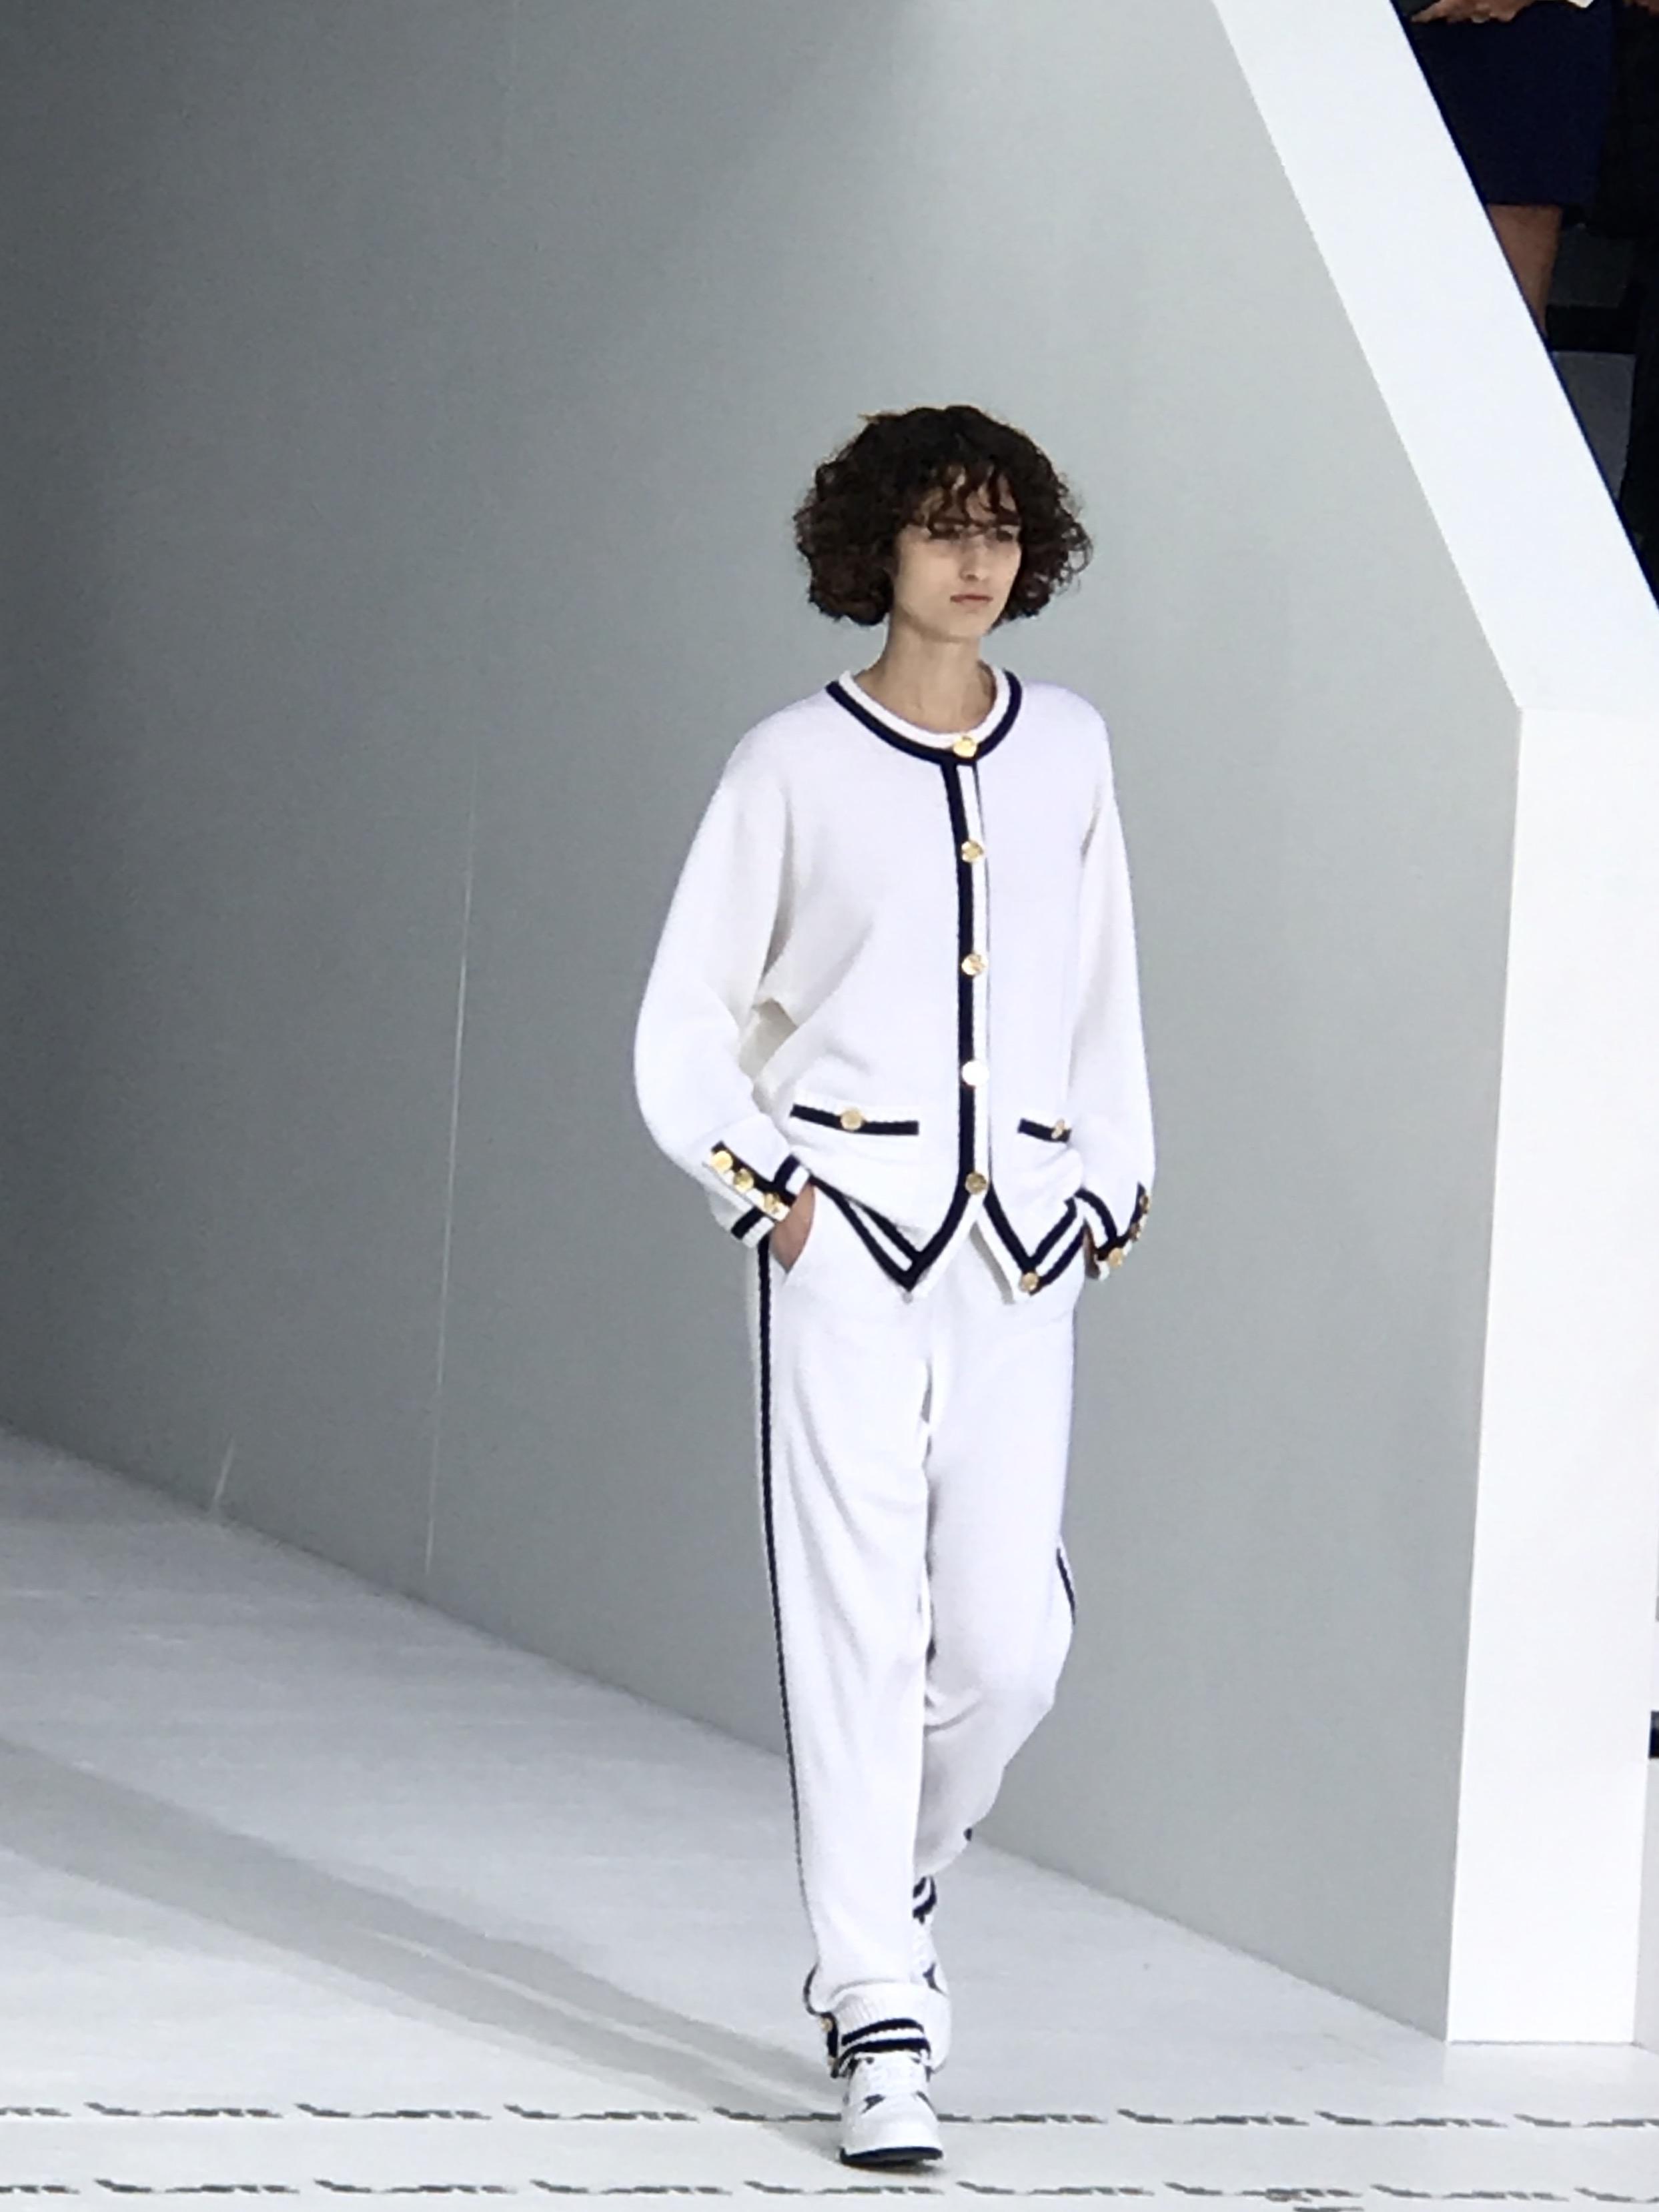 LACOSTE, PARIS FASHION WEEK, look, camille et les garçons, blog mode